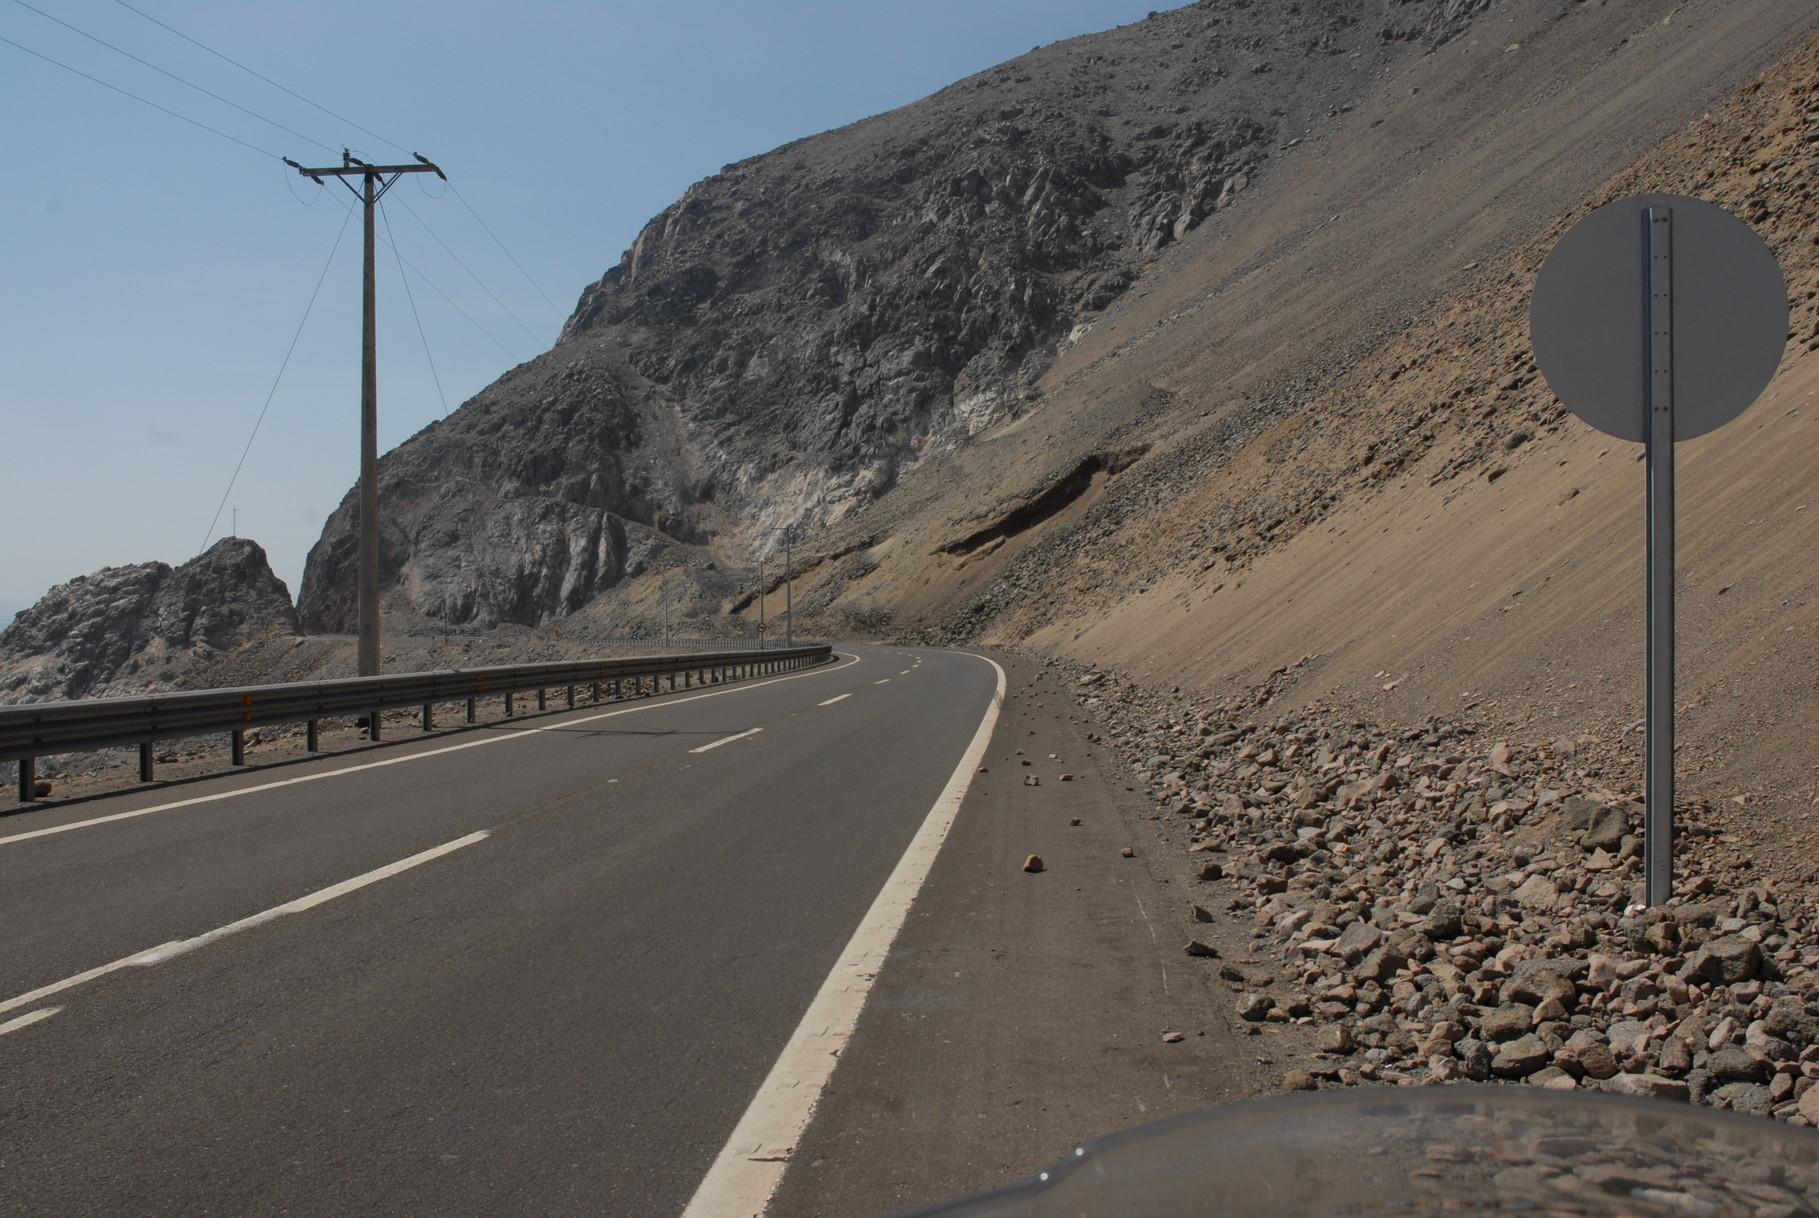 Die berghänge reichen hier bis an die Straße heran und ragen dann aber gute 800 Meter steil nach oben